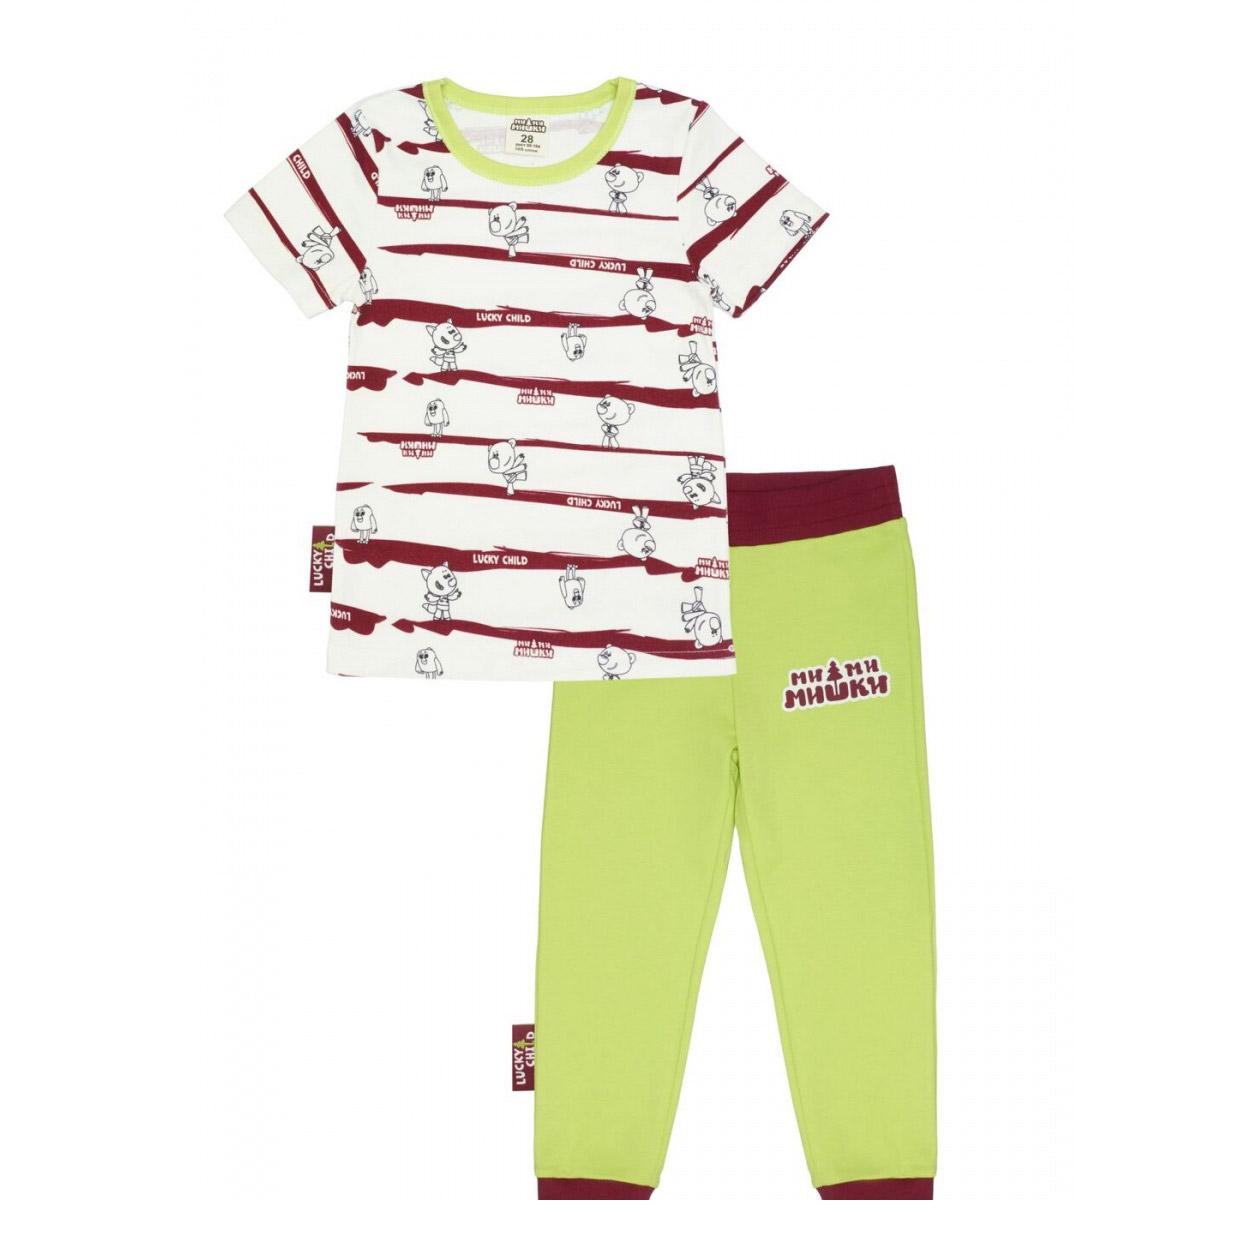 Купить Пижама Lucky Child с брюками МИ-МИ-МИШКИ полосатая 104-110, Разноцветный, Интерлок, Для мальчиков, Всесезонный,